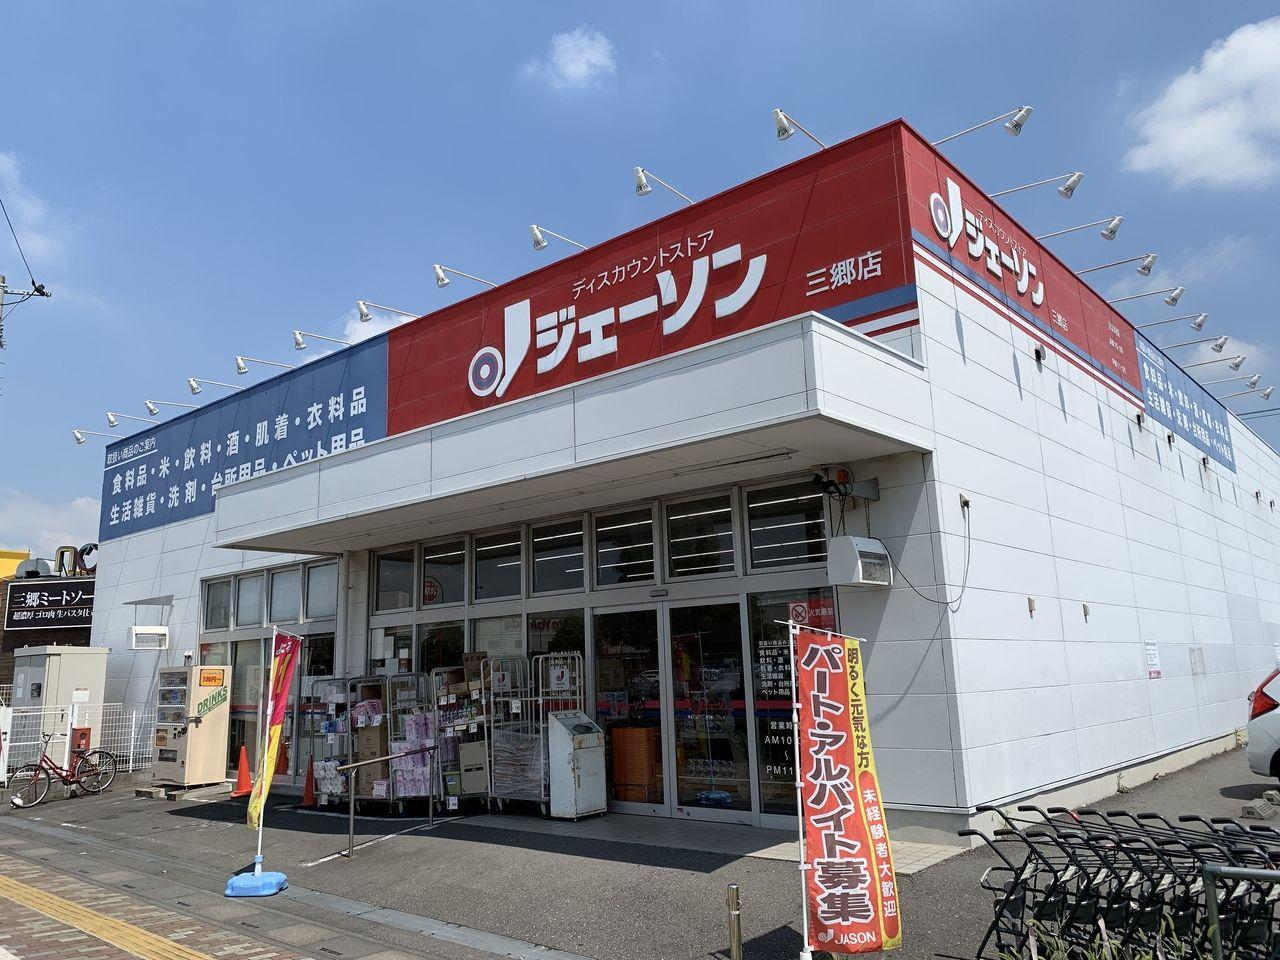 三郷市ピアラシティ2-8-8 営業時間:10:00~23:00